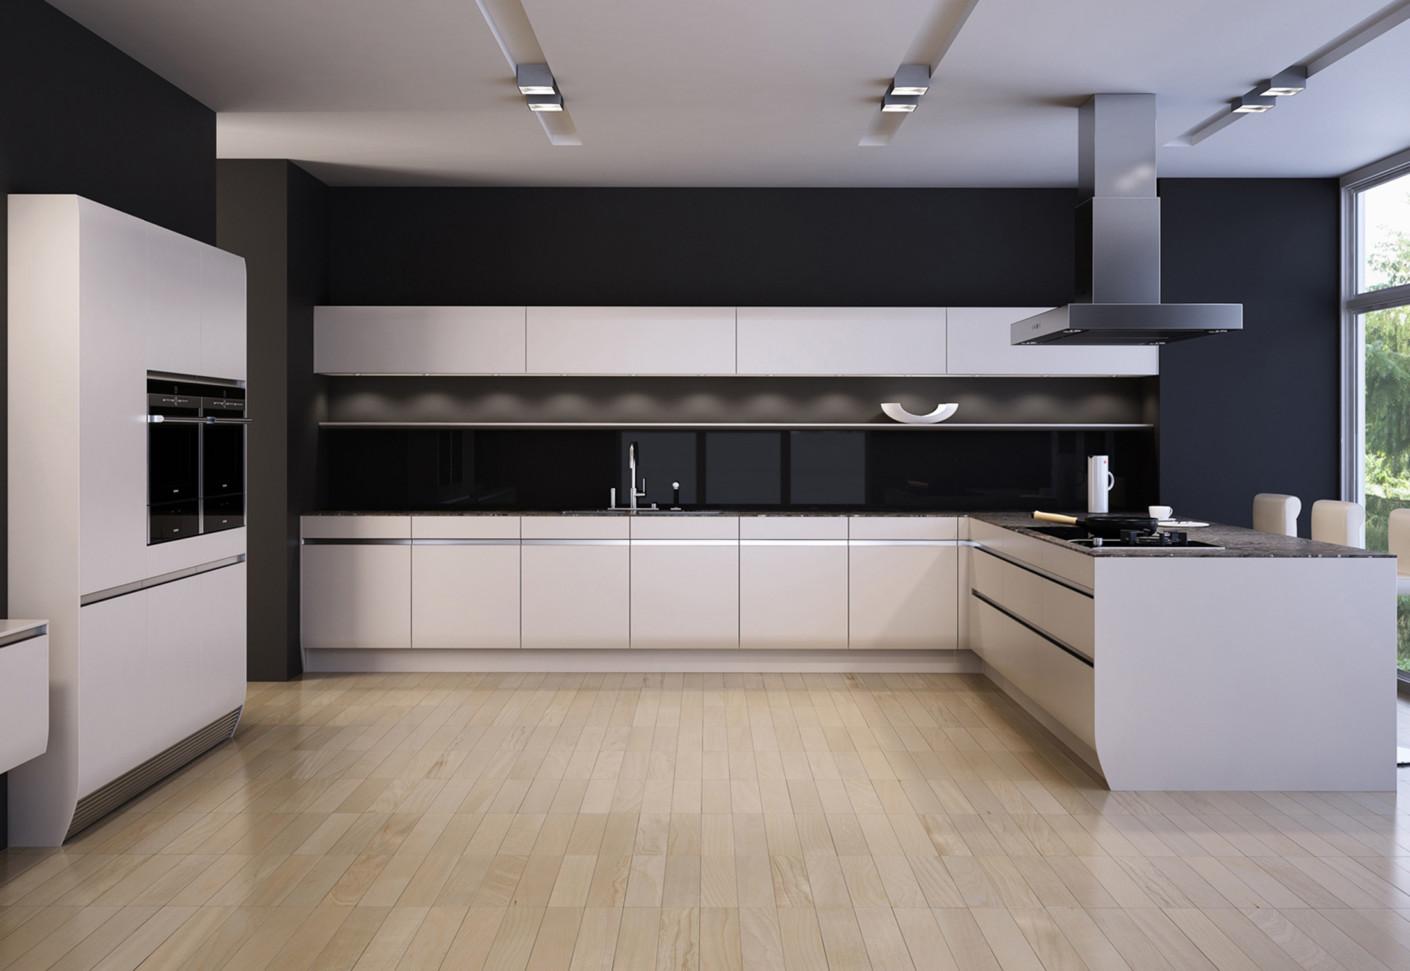 6006 von siematic stylepark. Black Bedroom Furniture Sets. Home Design Ideas